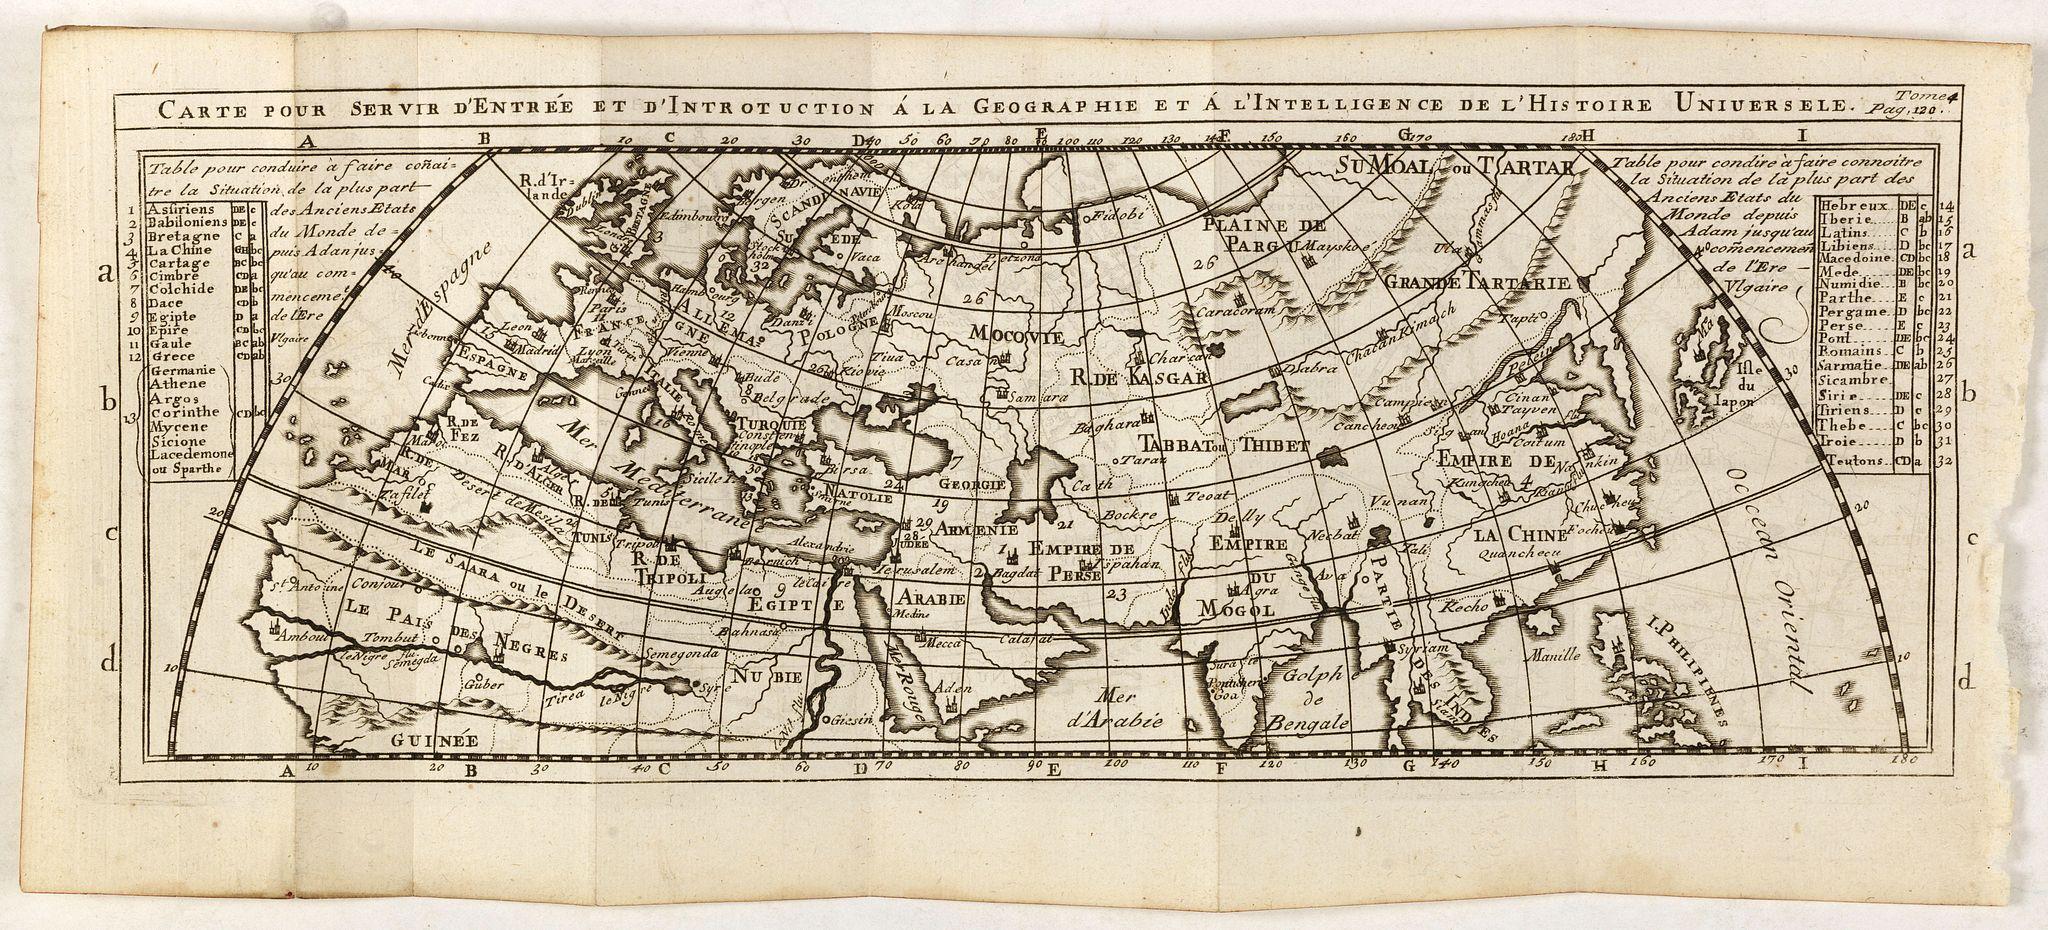 SANSON,N. after -  Carte pour servir d'entrée et d'introduction à la geographie et à l'itelligence de l'histoire universele.